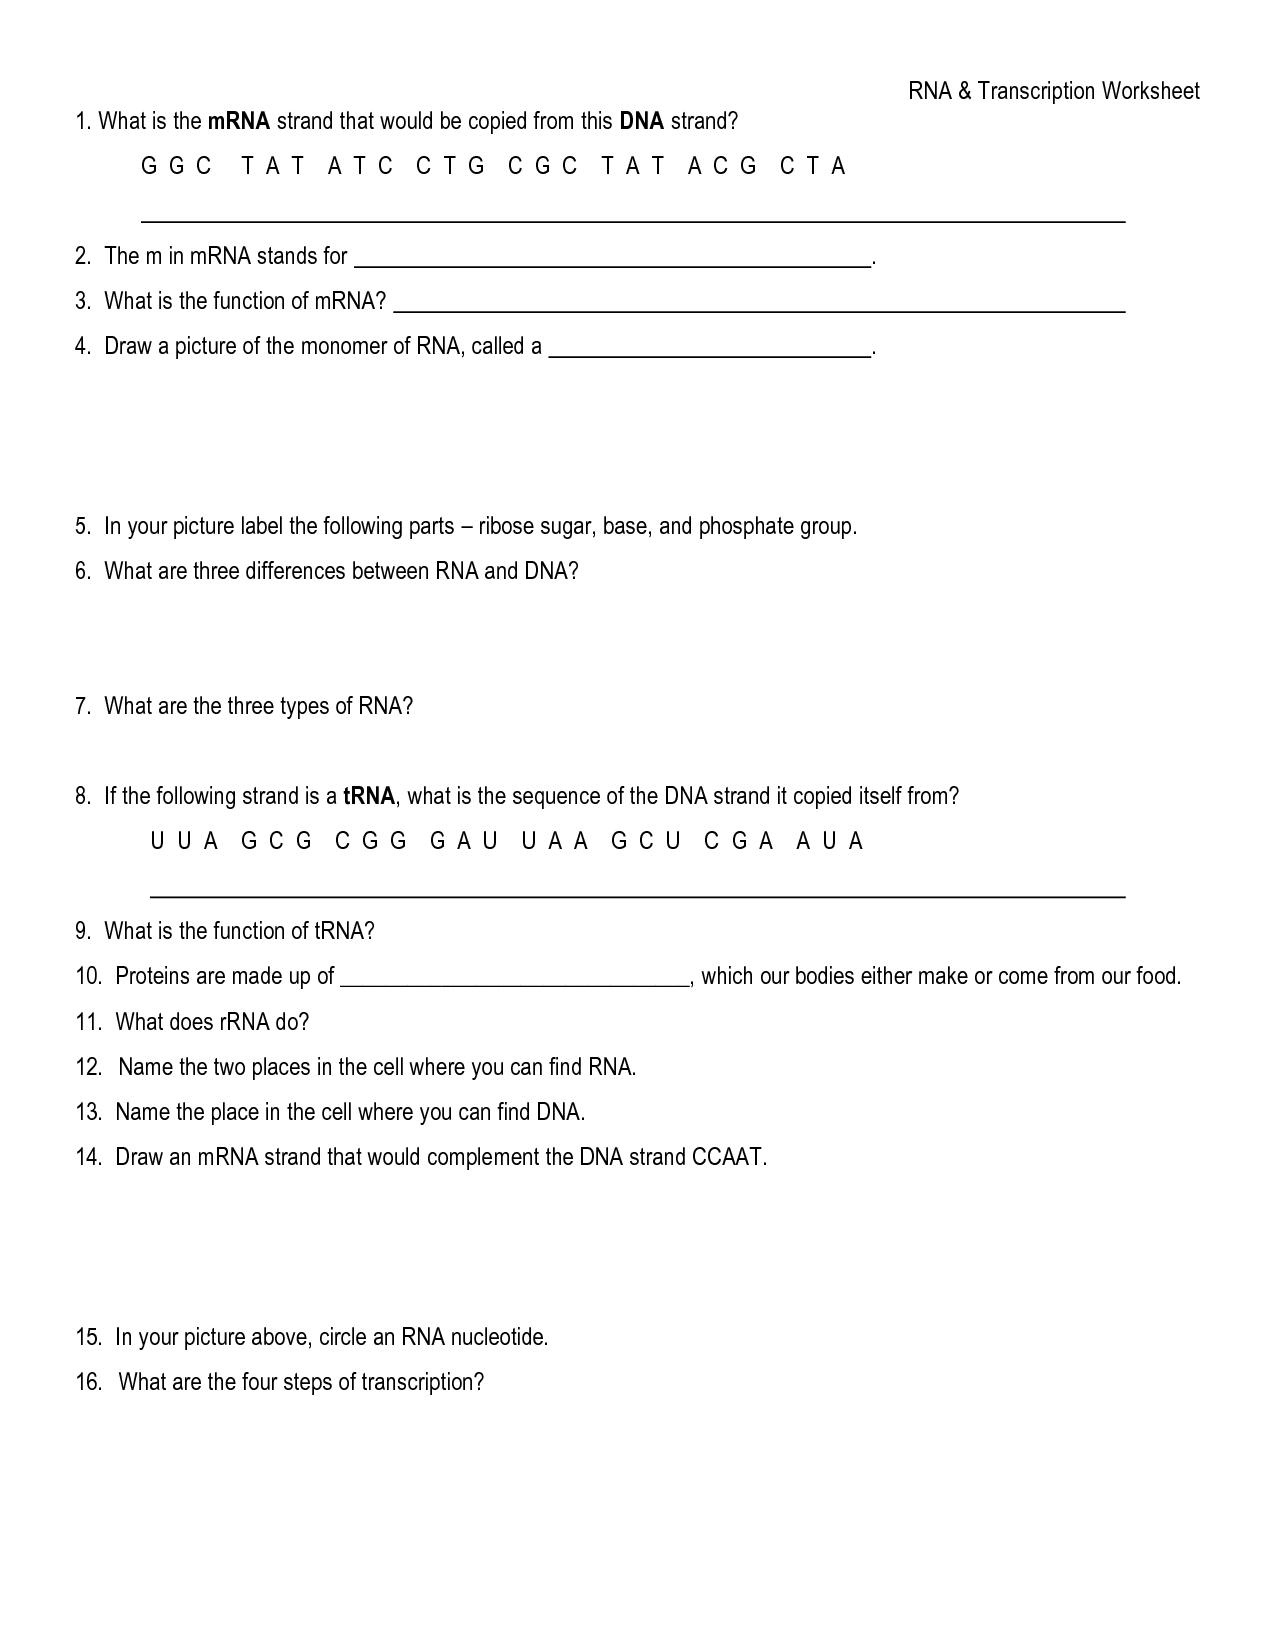 19 Best Images Of Dna Transcription Worksheet